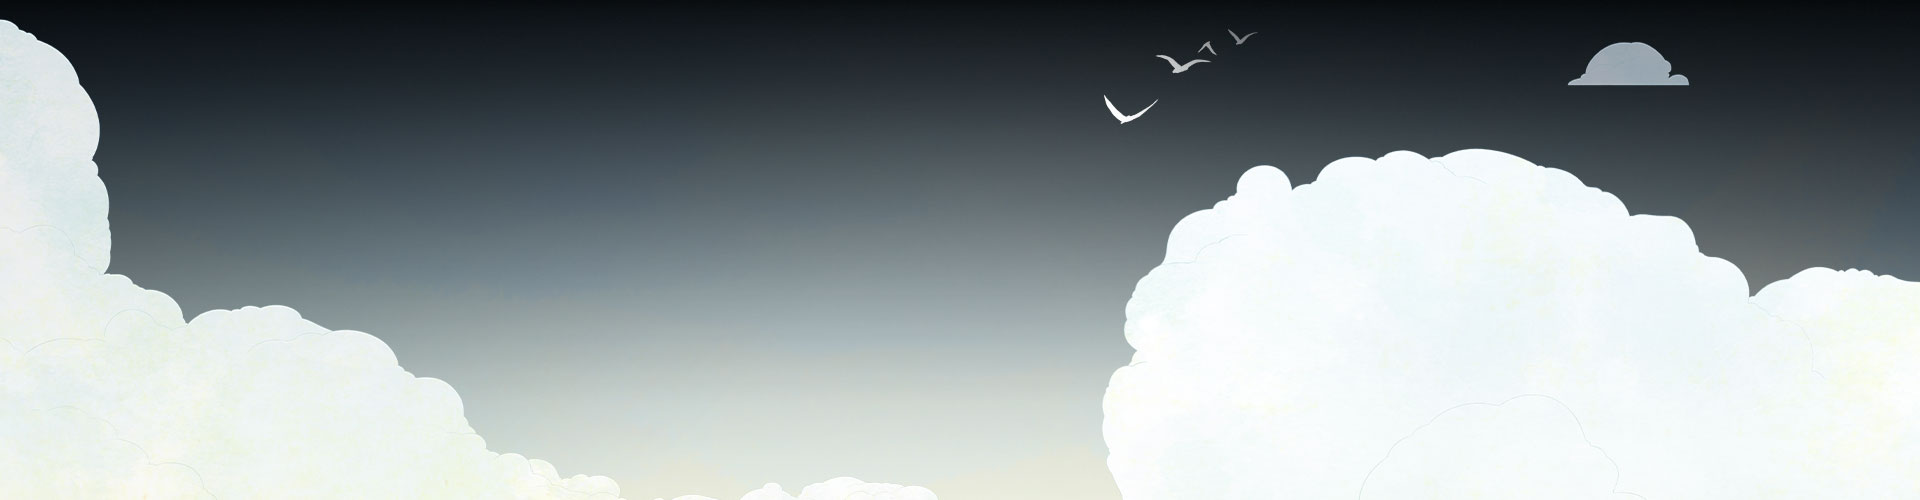 Bakgrunn med skyer og fugler som flyr bort